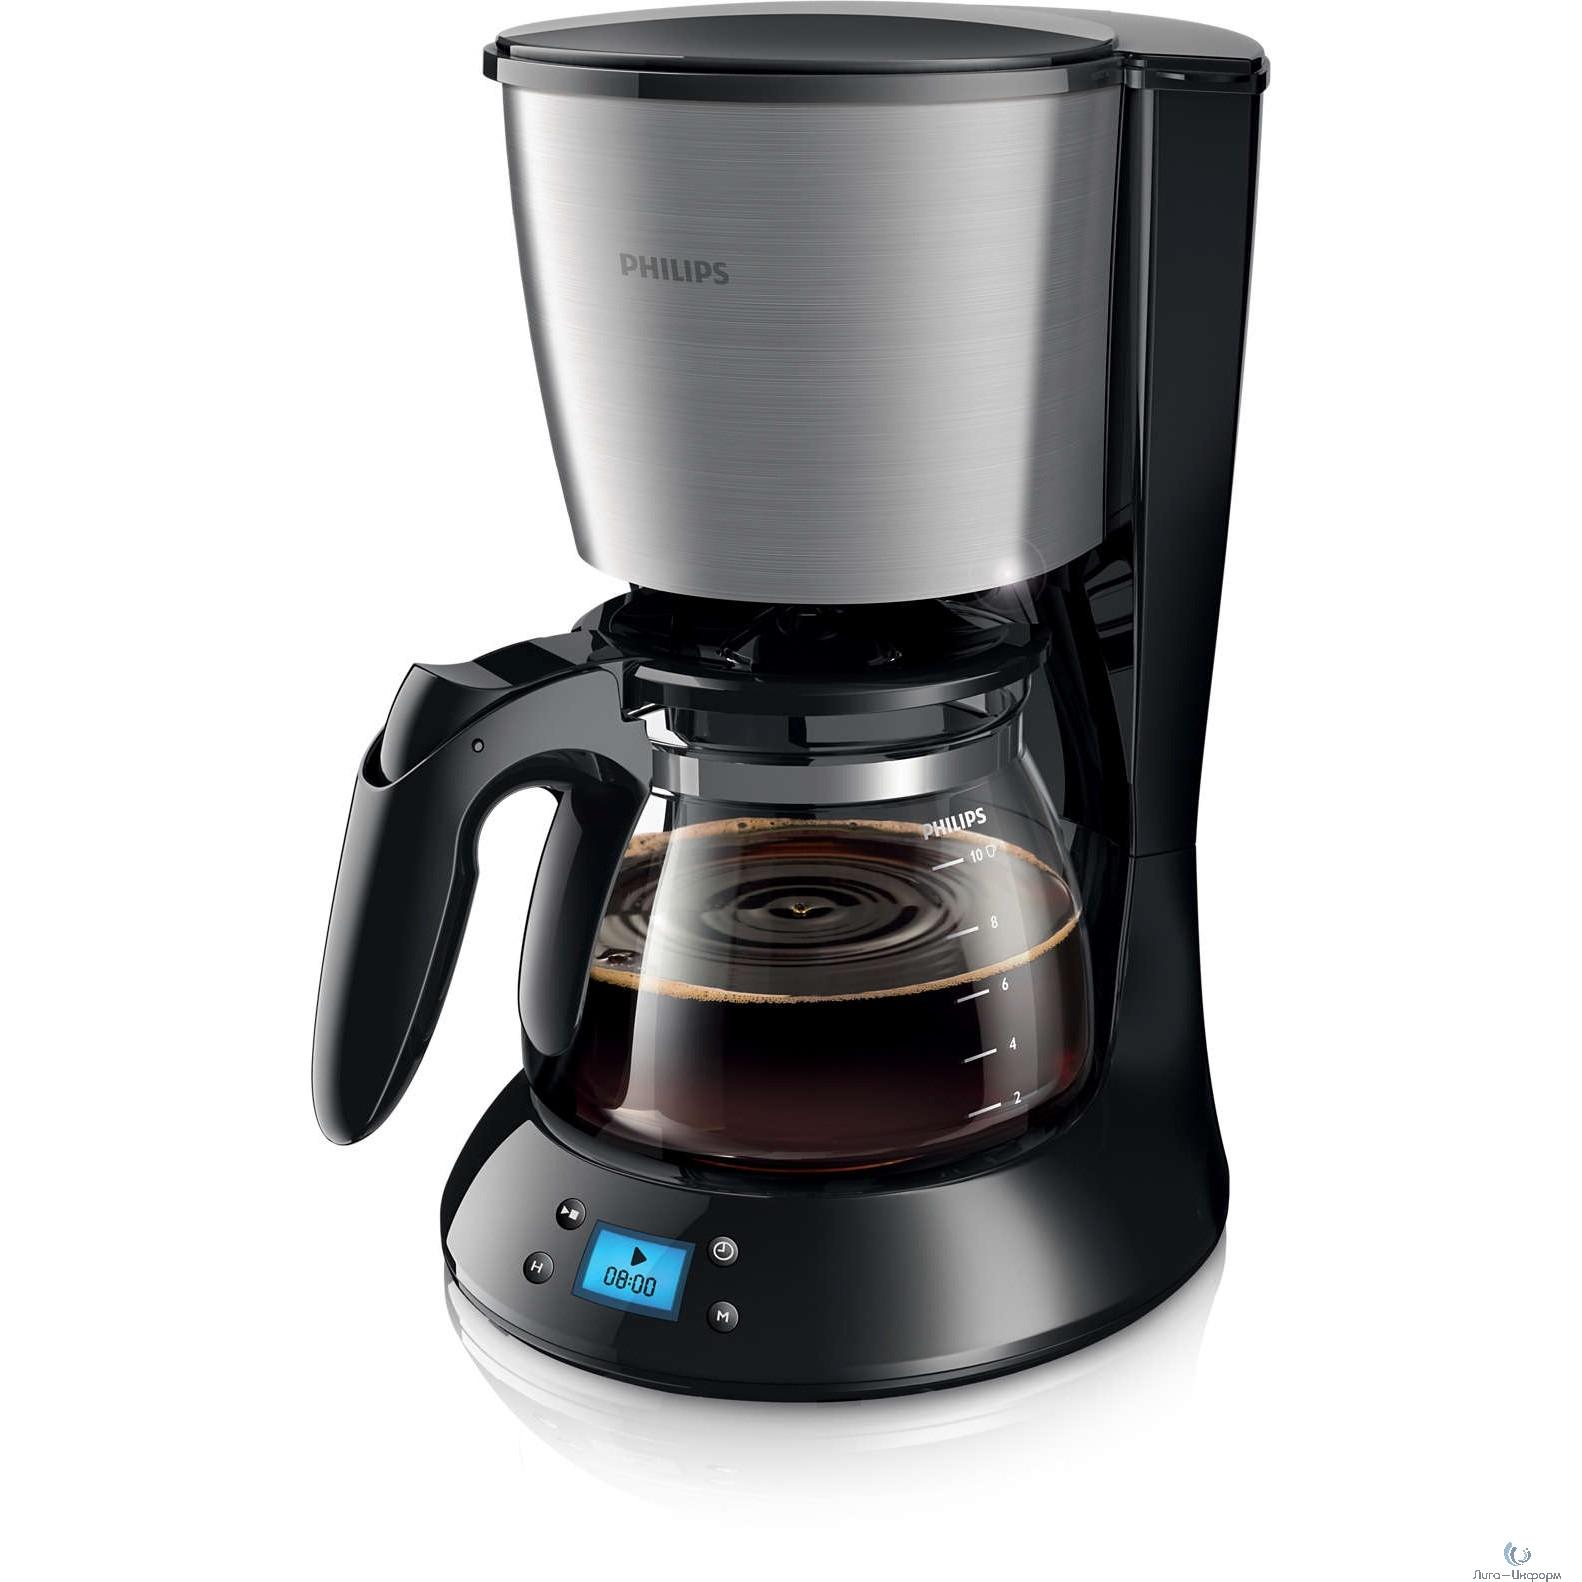 PHILIPS (HD7459/20) Кофеварка капельного типа Капельного типа. 1000 Вт. Цвет: черный, металлический. Материал: пластик, металл